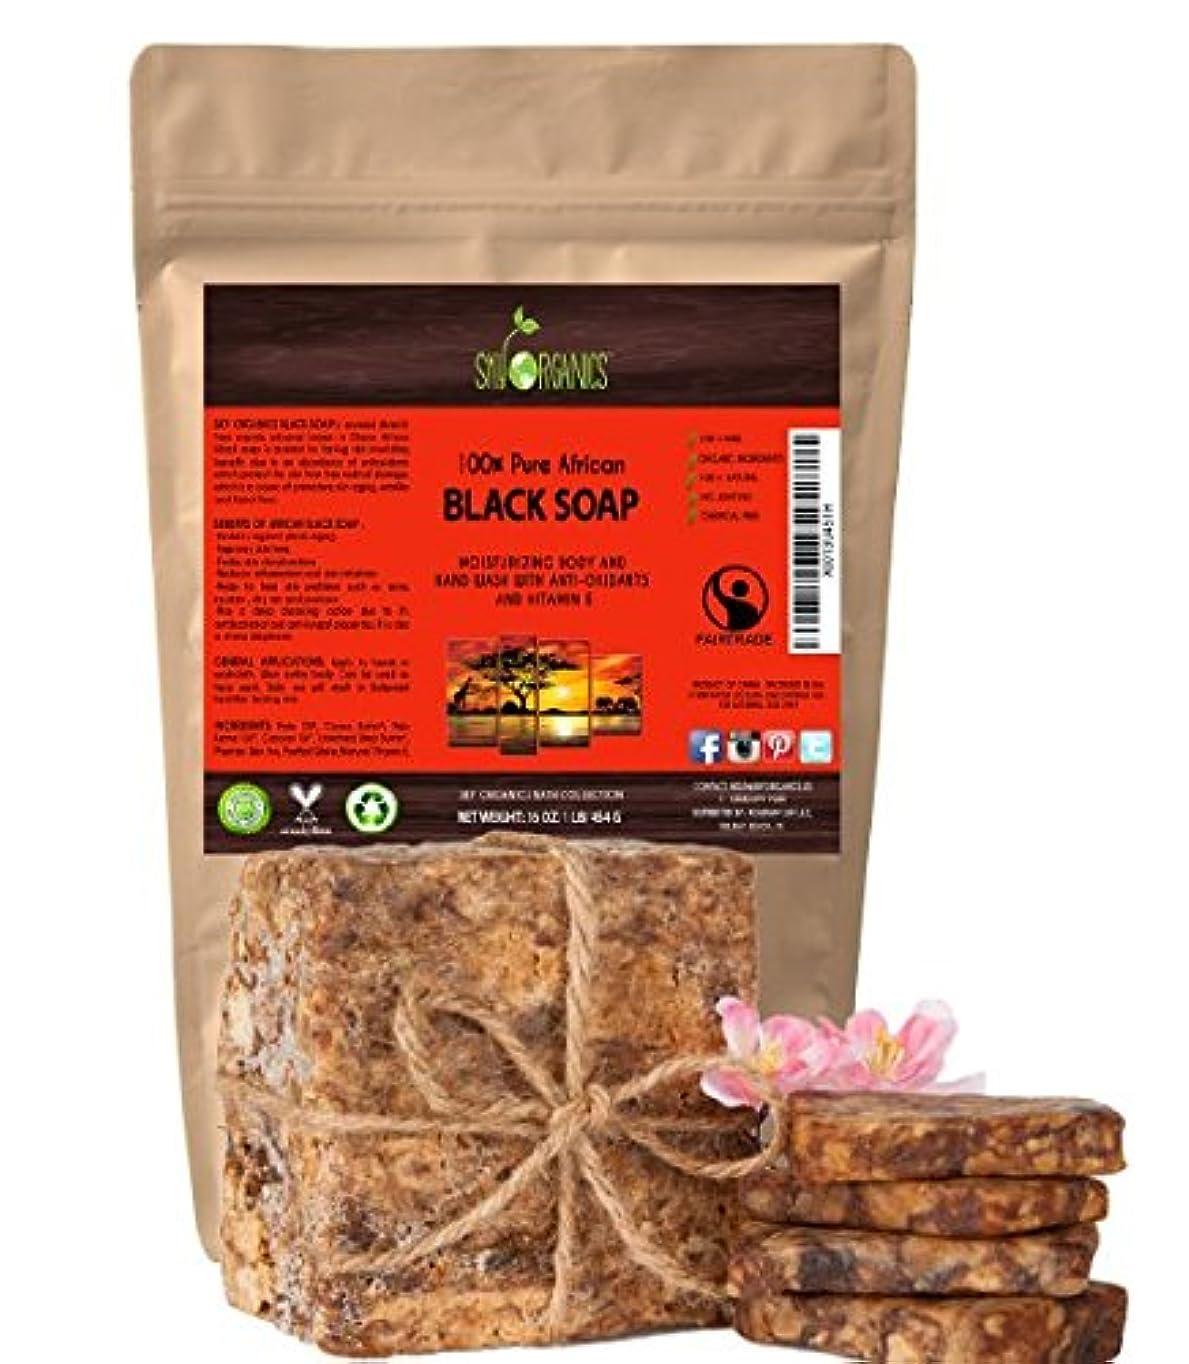 ラダテレマコス手配する切って使う オーガニック アフリカン ブラックソープ (約4563gブロック)Organic African Black Soap (16oz block) - Raw Organic Soap Ideal for Acne...